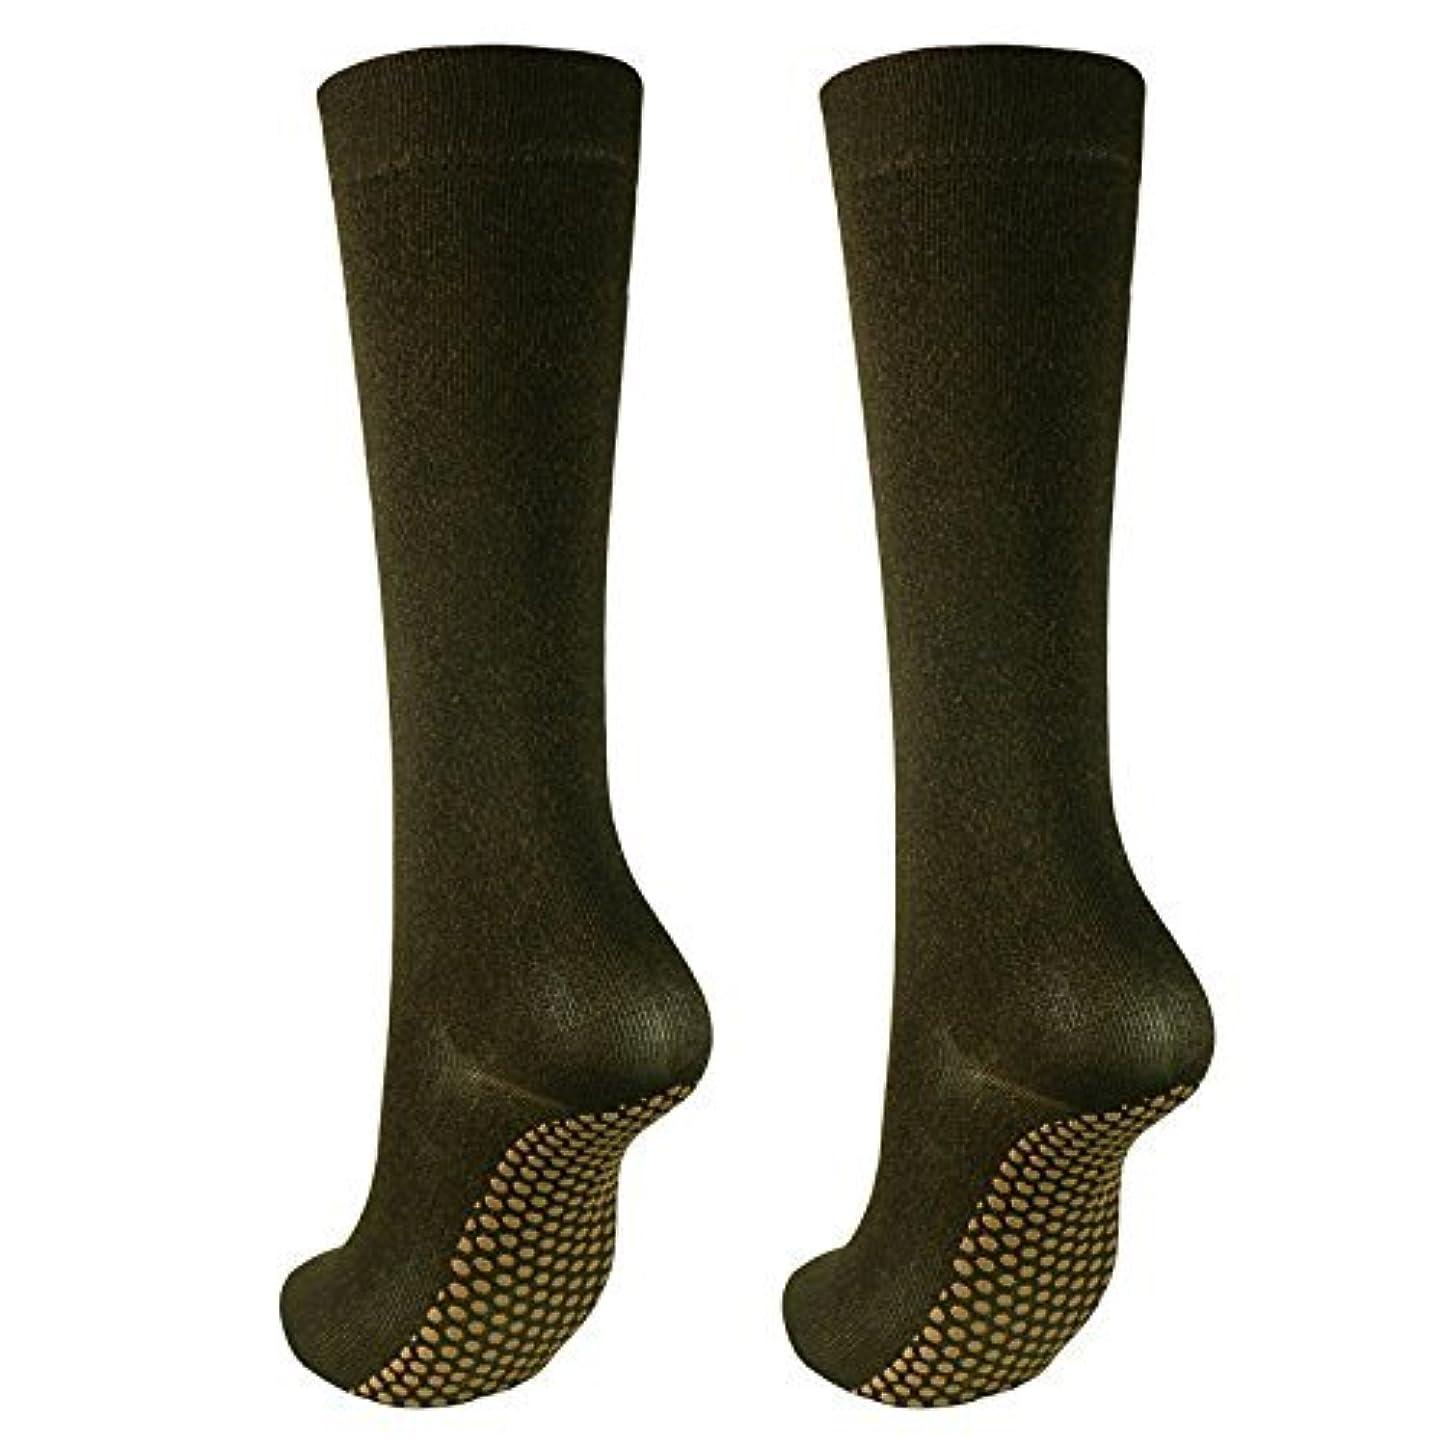 協同メガロポリス急行する銅繊維靴下「足もとはいつも青春」ハイソックスタイプ2足セット?静電気対策にも